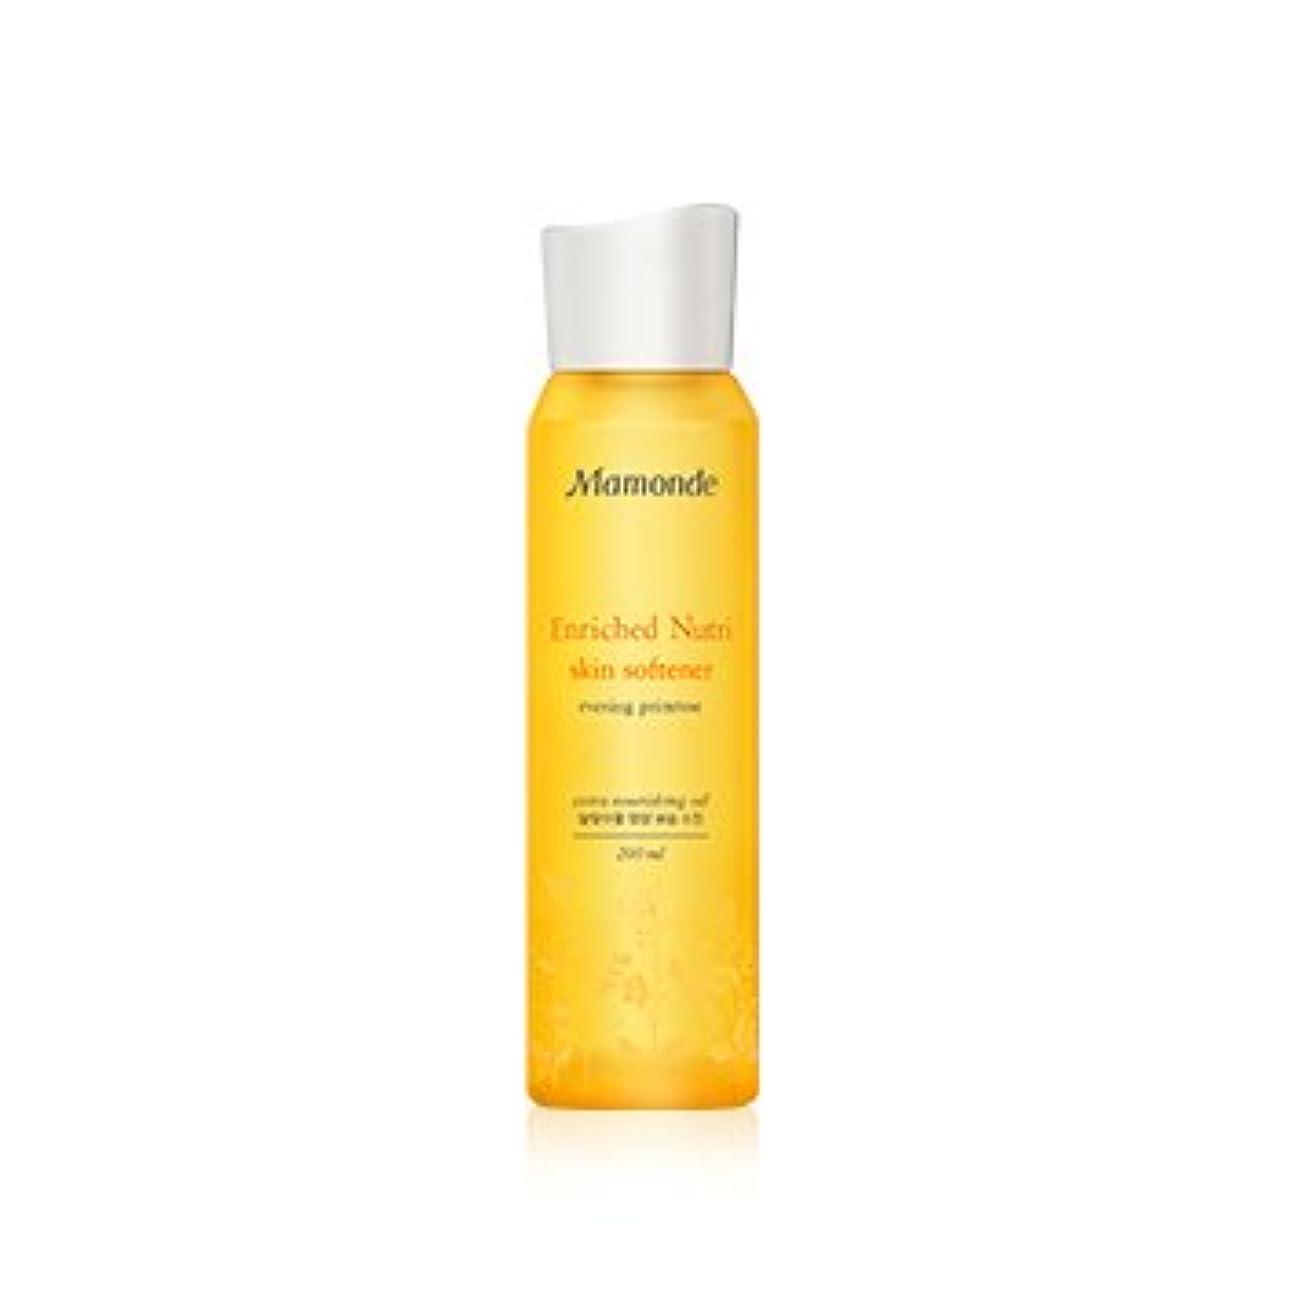 アイロニーながら実業家[New] Mamonde Enriched Nutri Skin Softener 200ml/マモンド エンリッチド ニュートリ スキン ソフナー 200ml